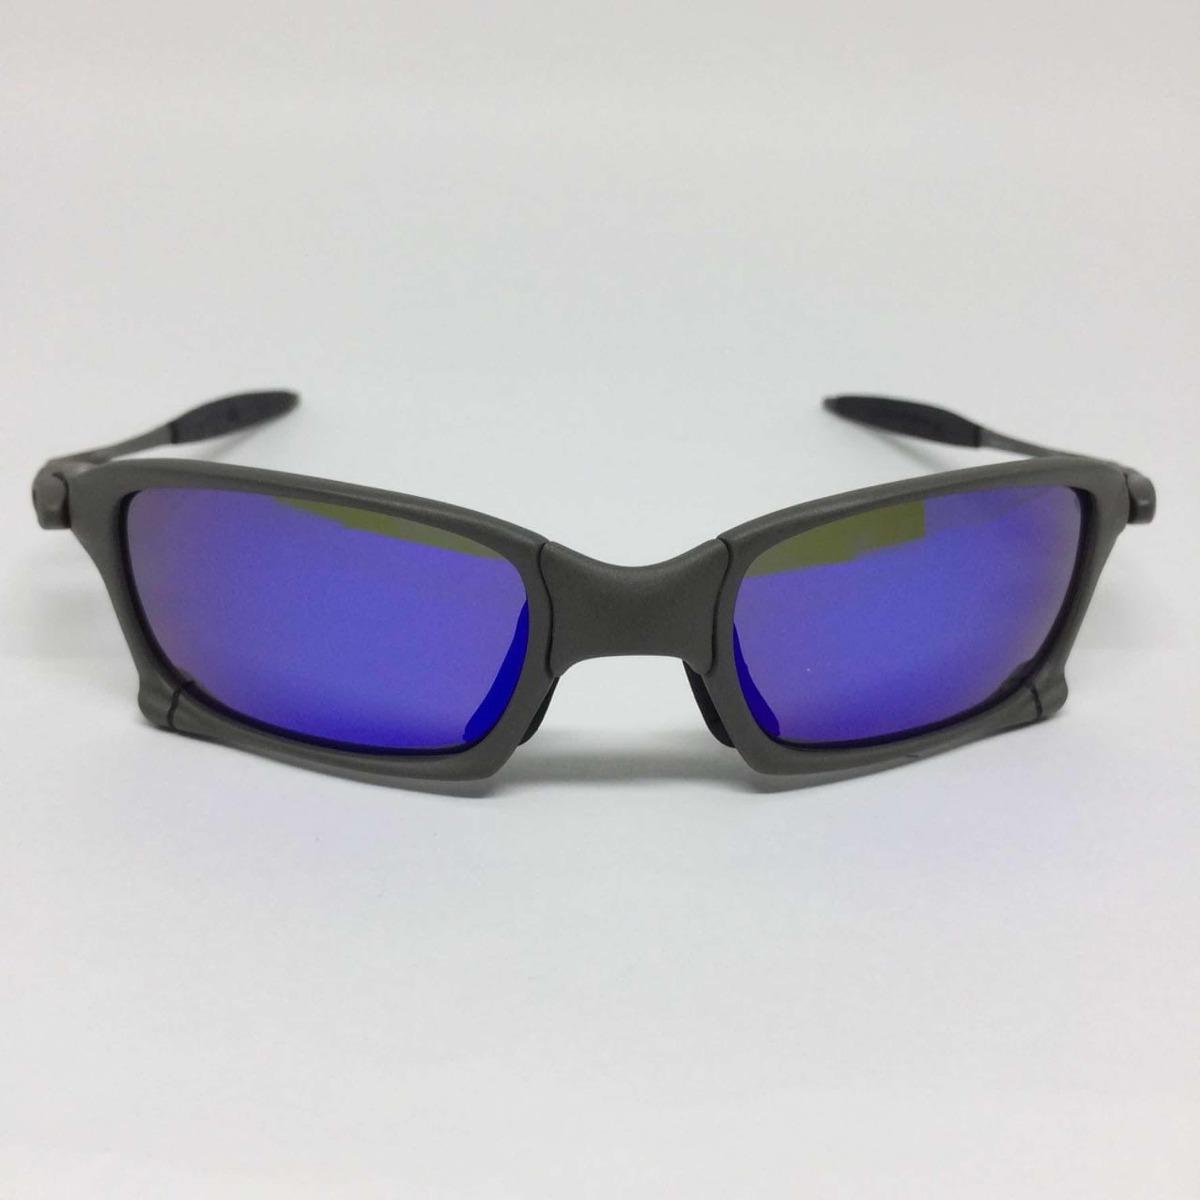 56990a0f1b oculos oakley juliet squared xmetal lente roxa polarizadas. Carregando zoom.